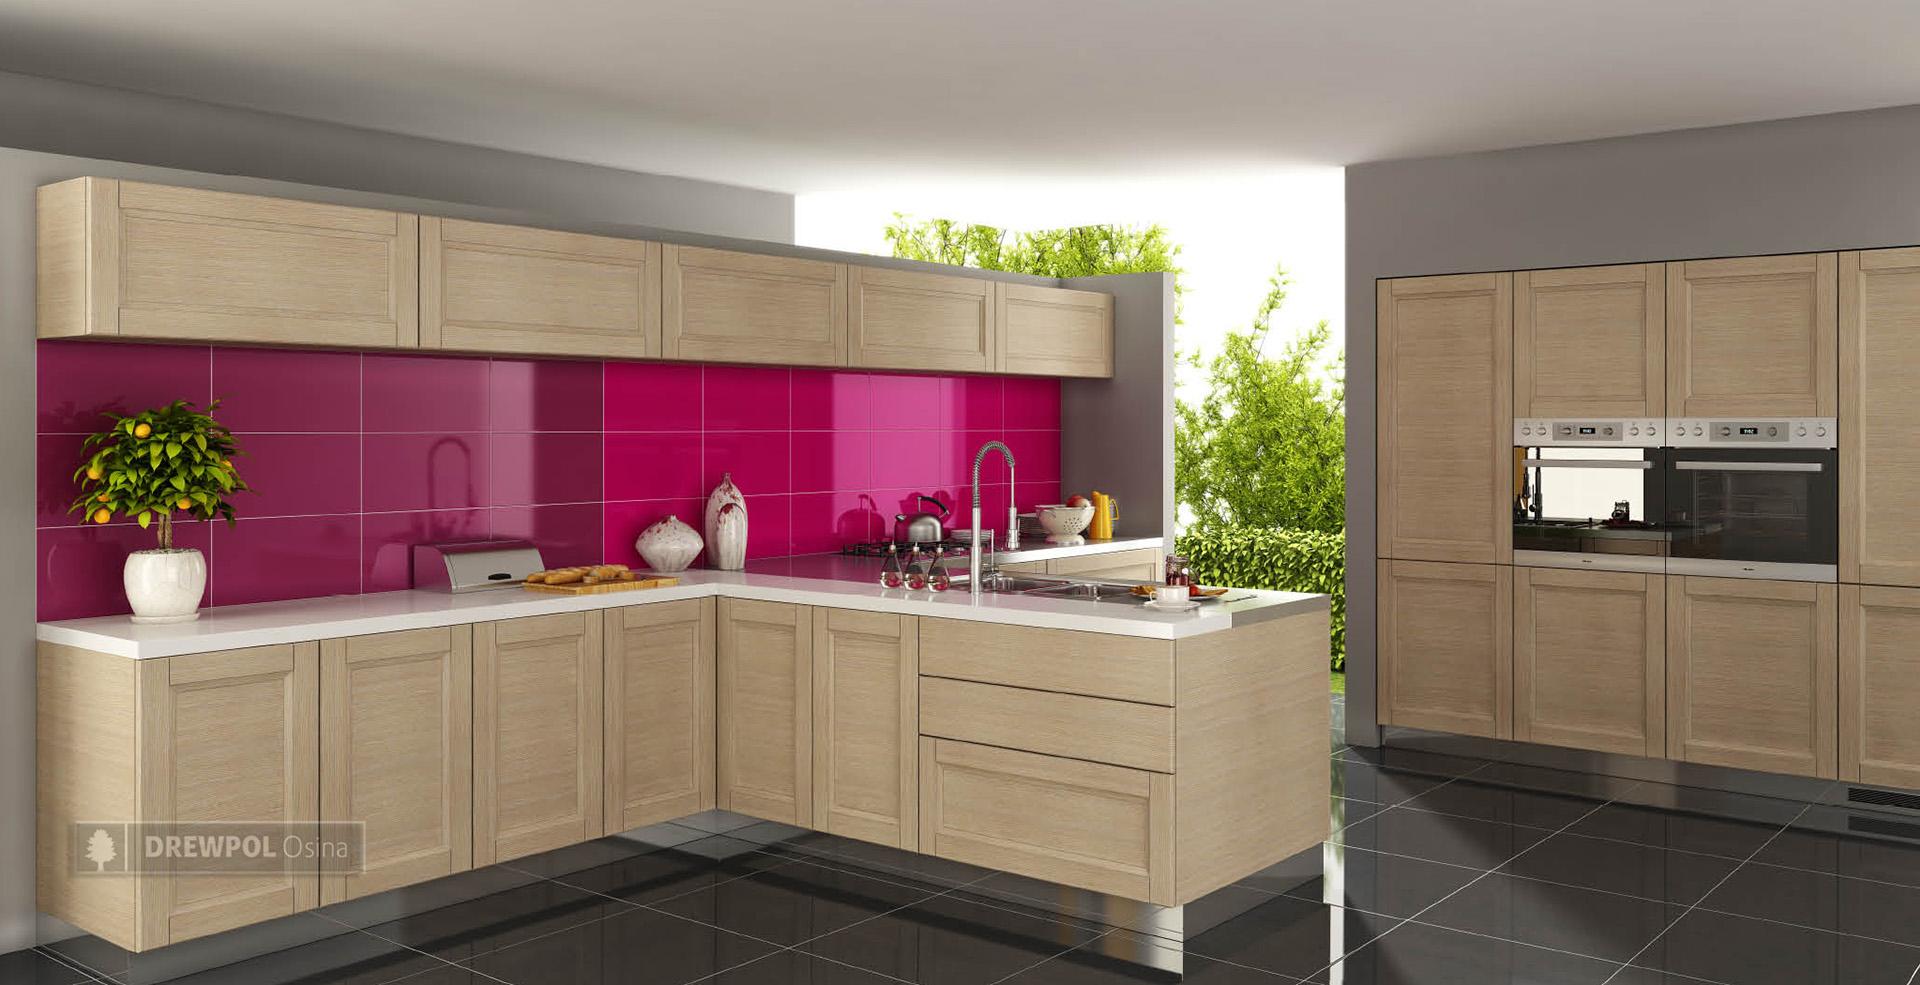 Full Size of Hochschrank Küche Billig Küche Billig Renovieren Hängeschränke Küche Billig Gastro Küche Billig Küche Küche Billig